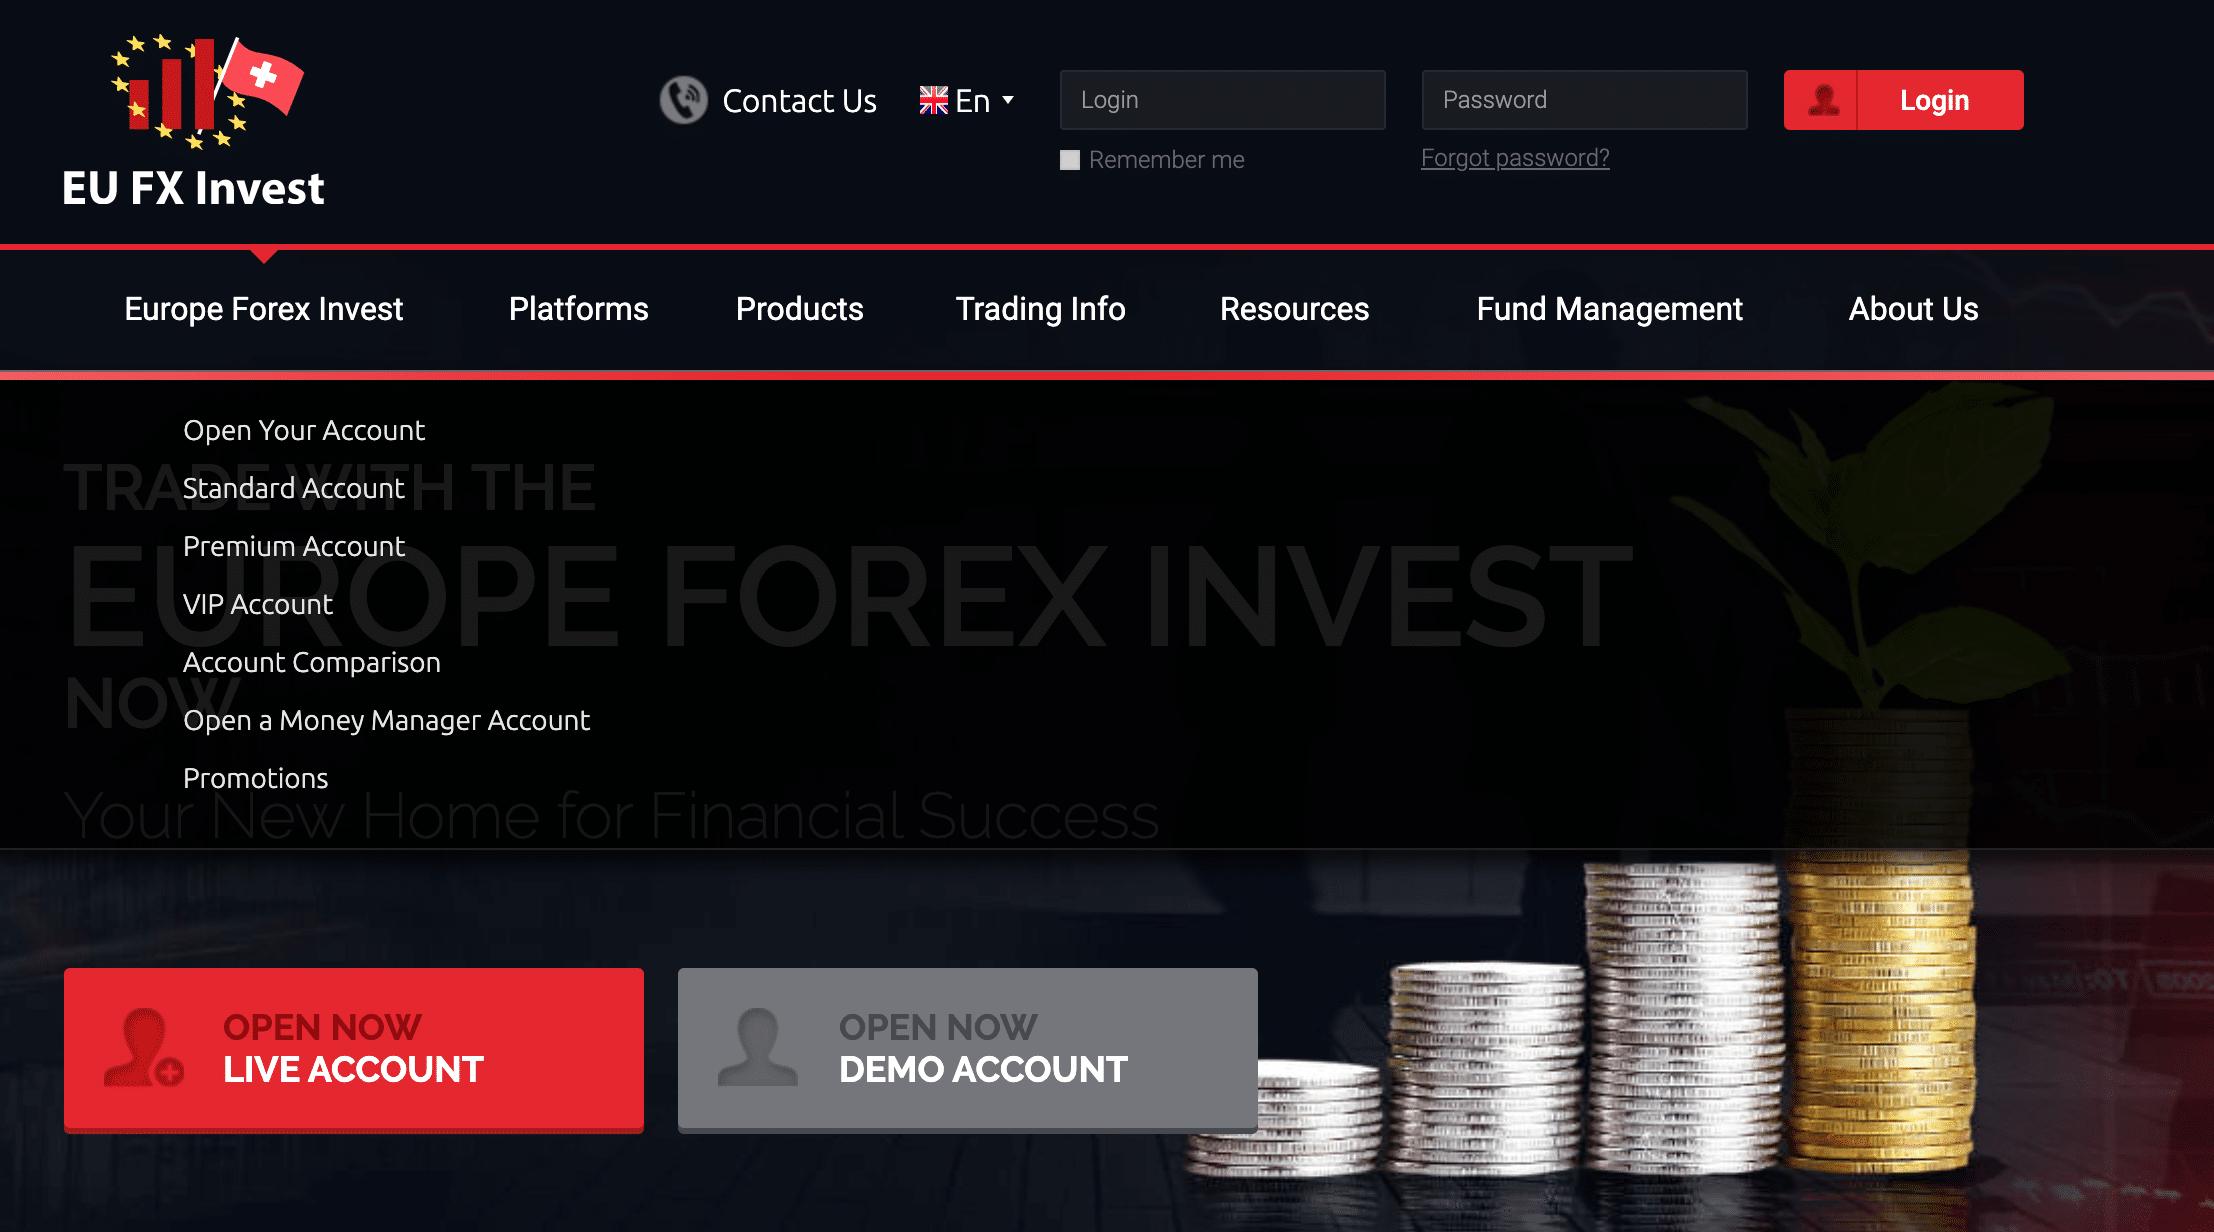 miglior simulatore di trading azionario online gratuito ritirare soldi da forex